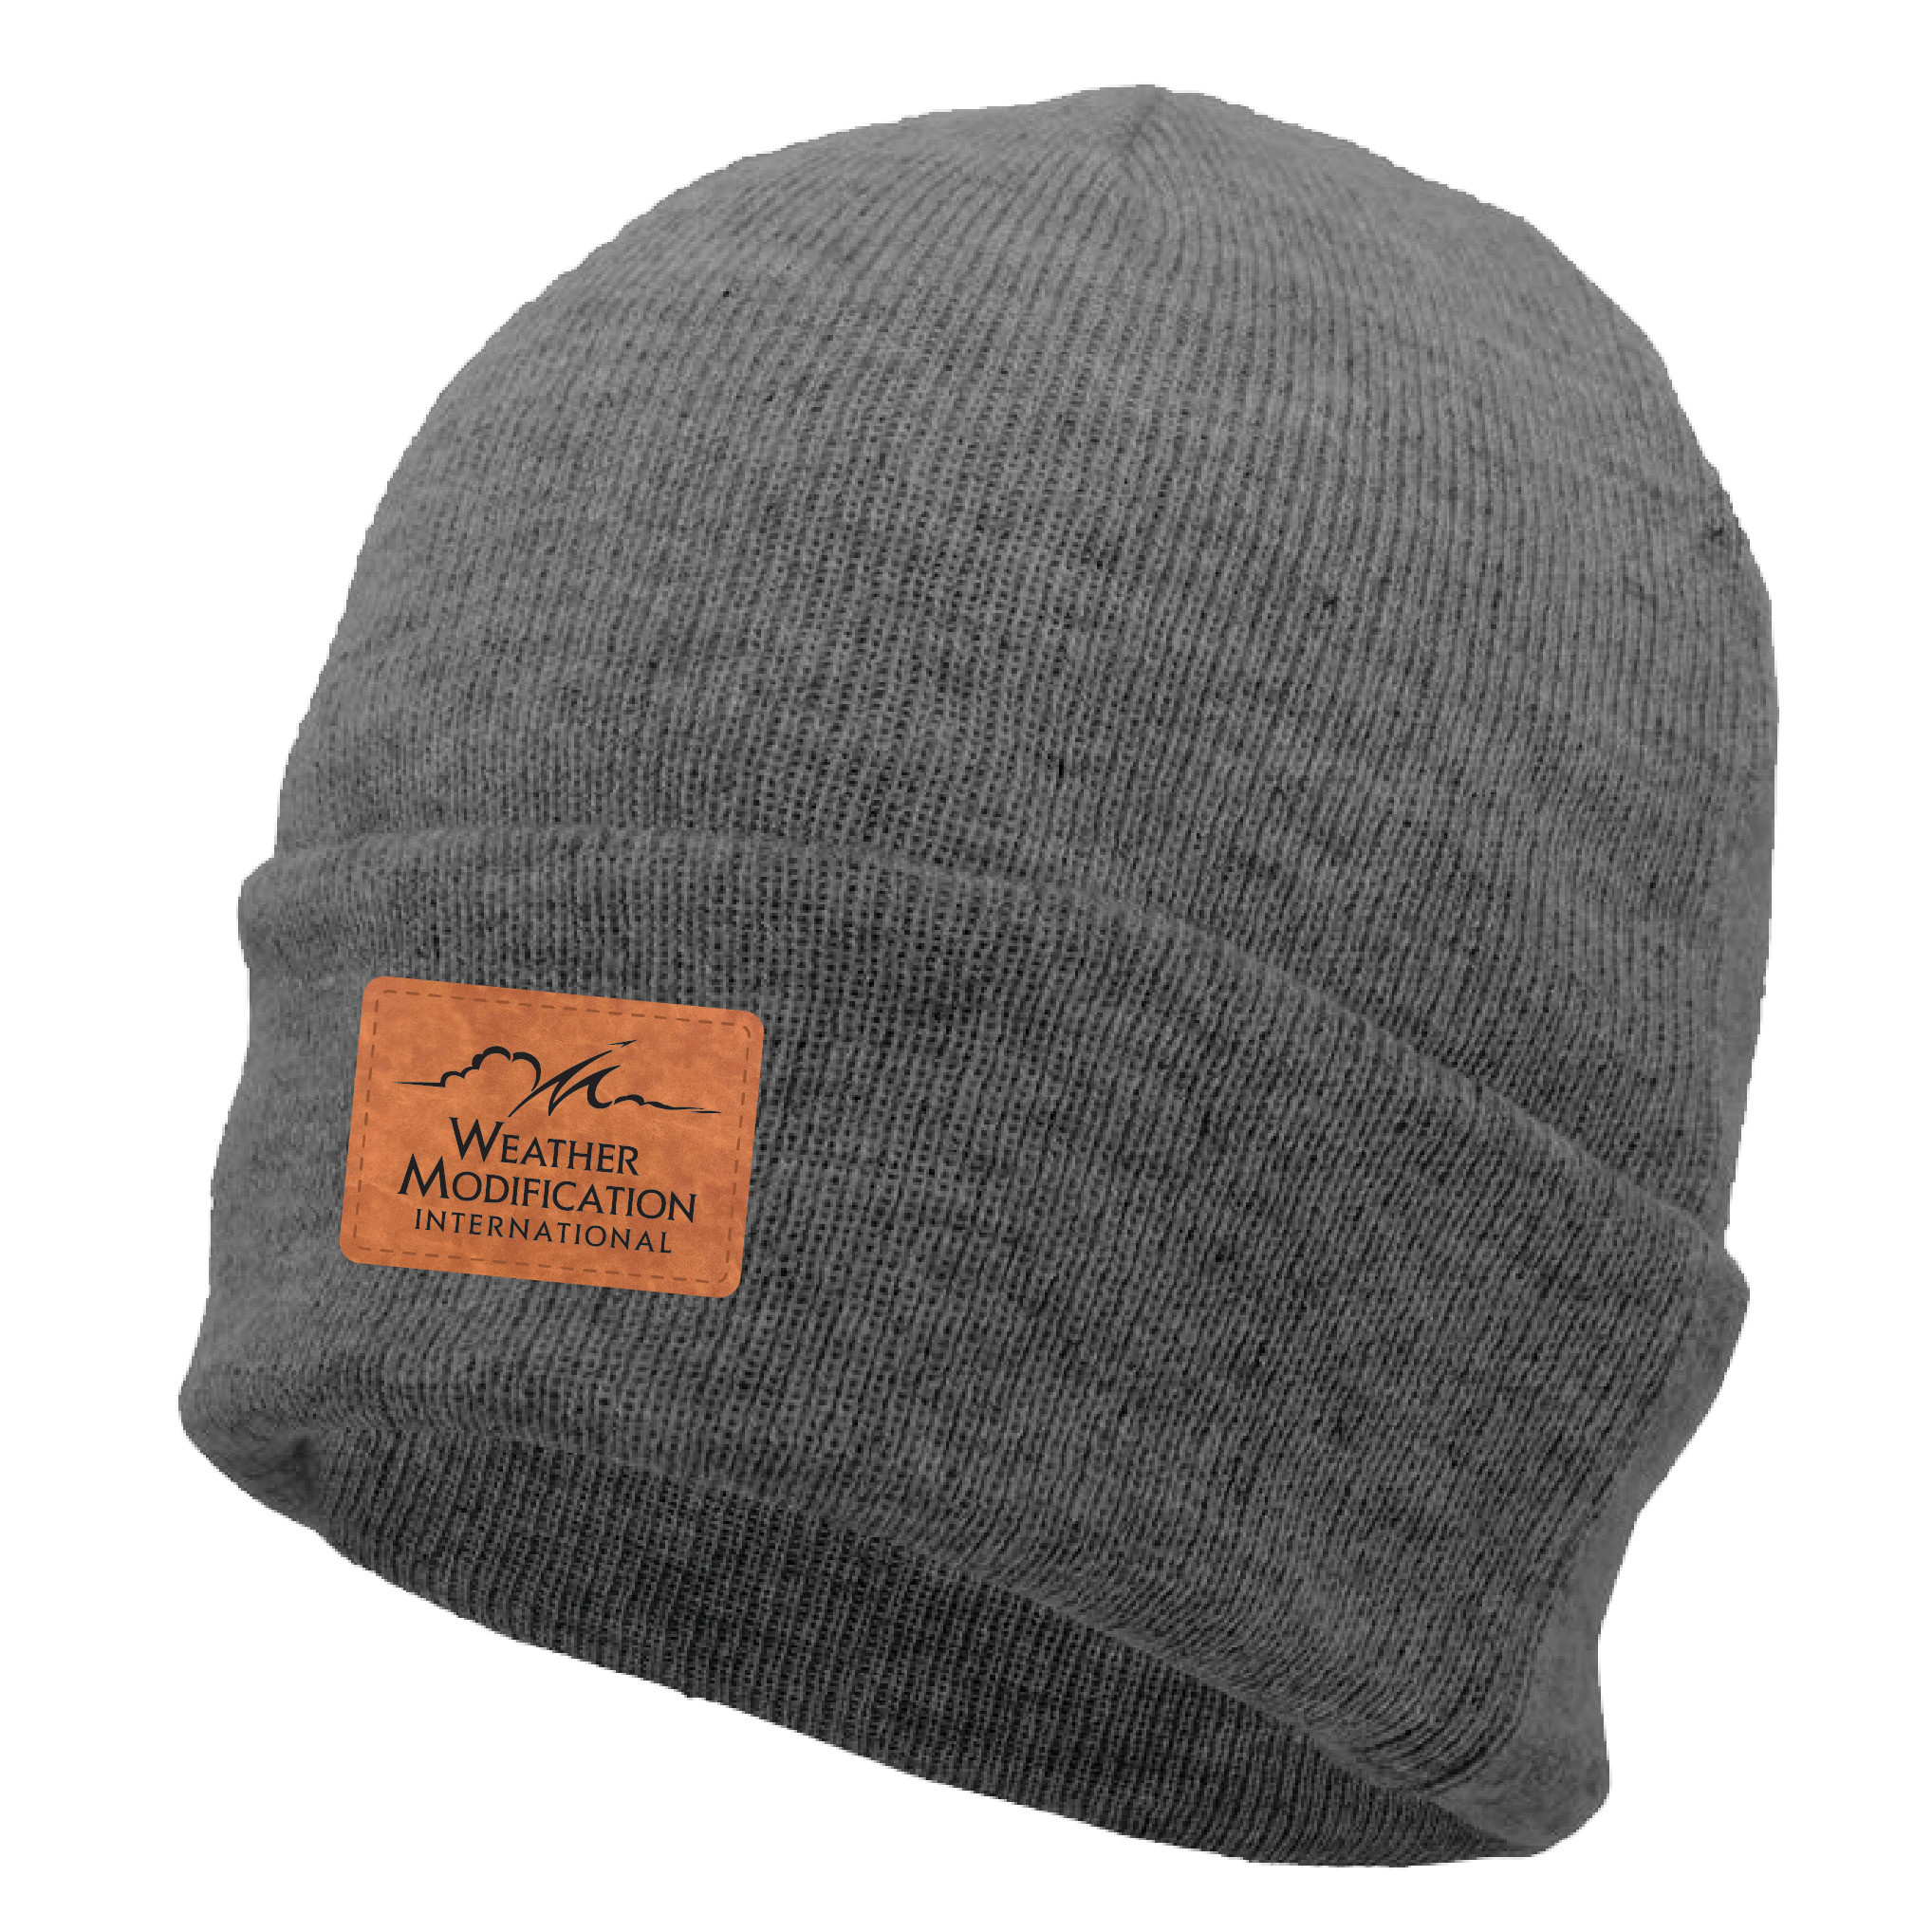 Pacific Headwear Premium Cuff Beanie (Dark Heather)